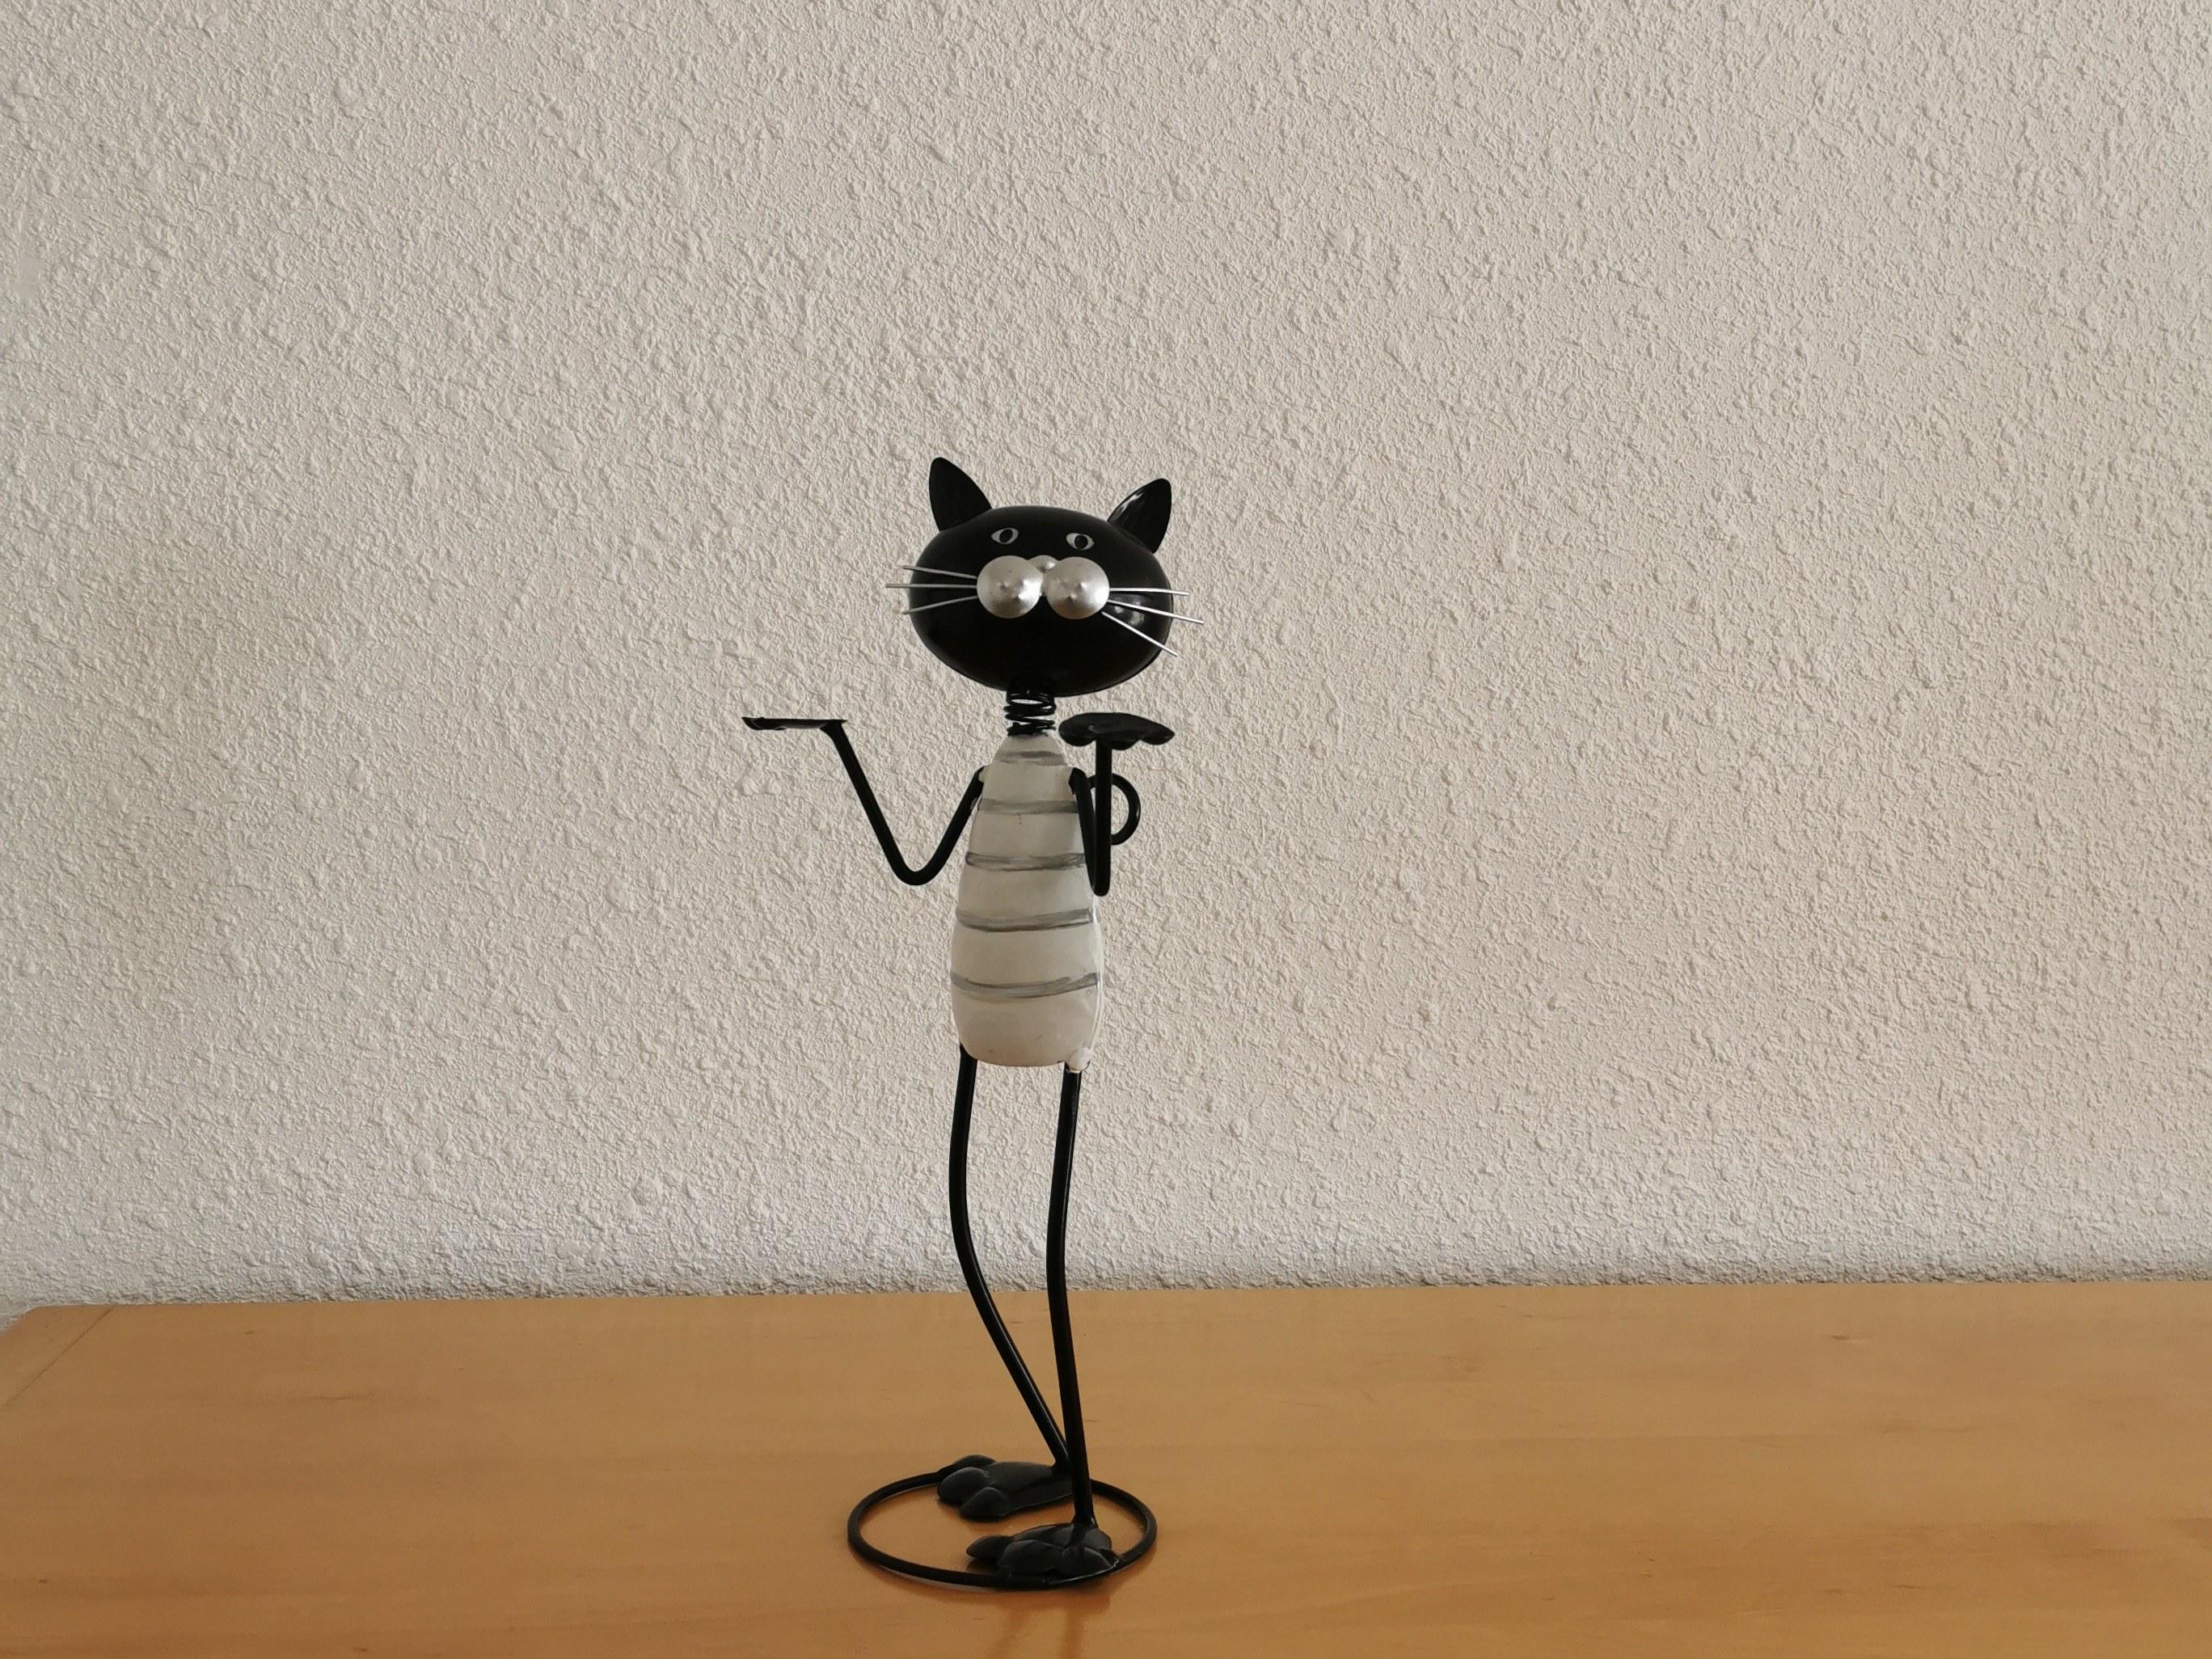 chat métal bras levés histoire de fer